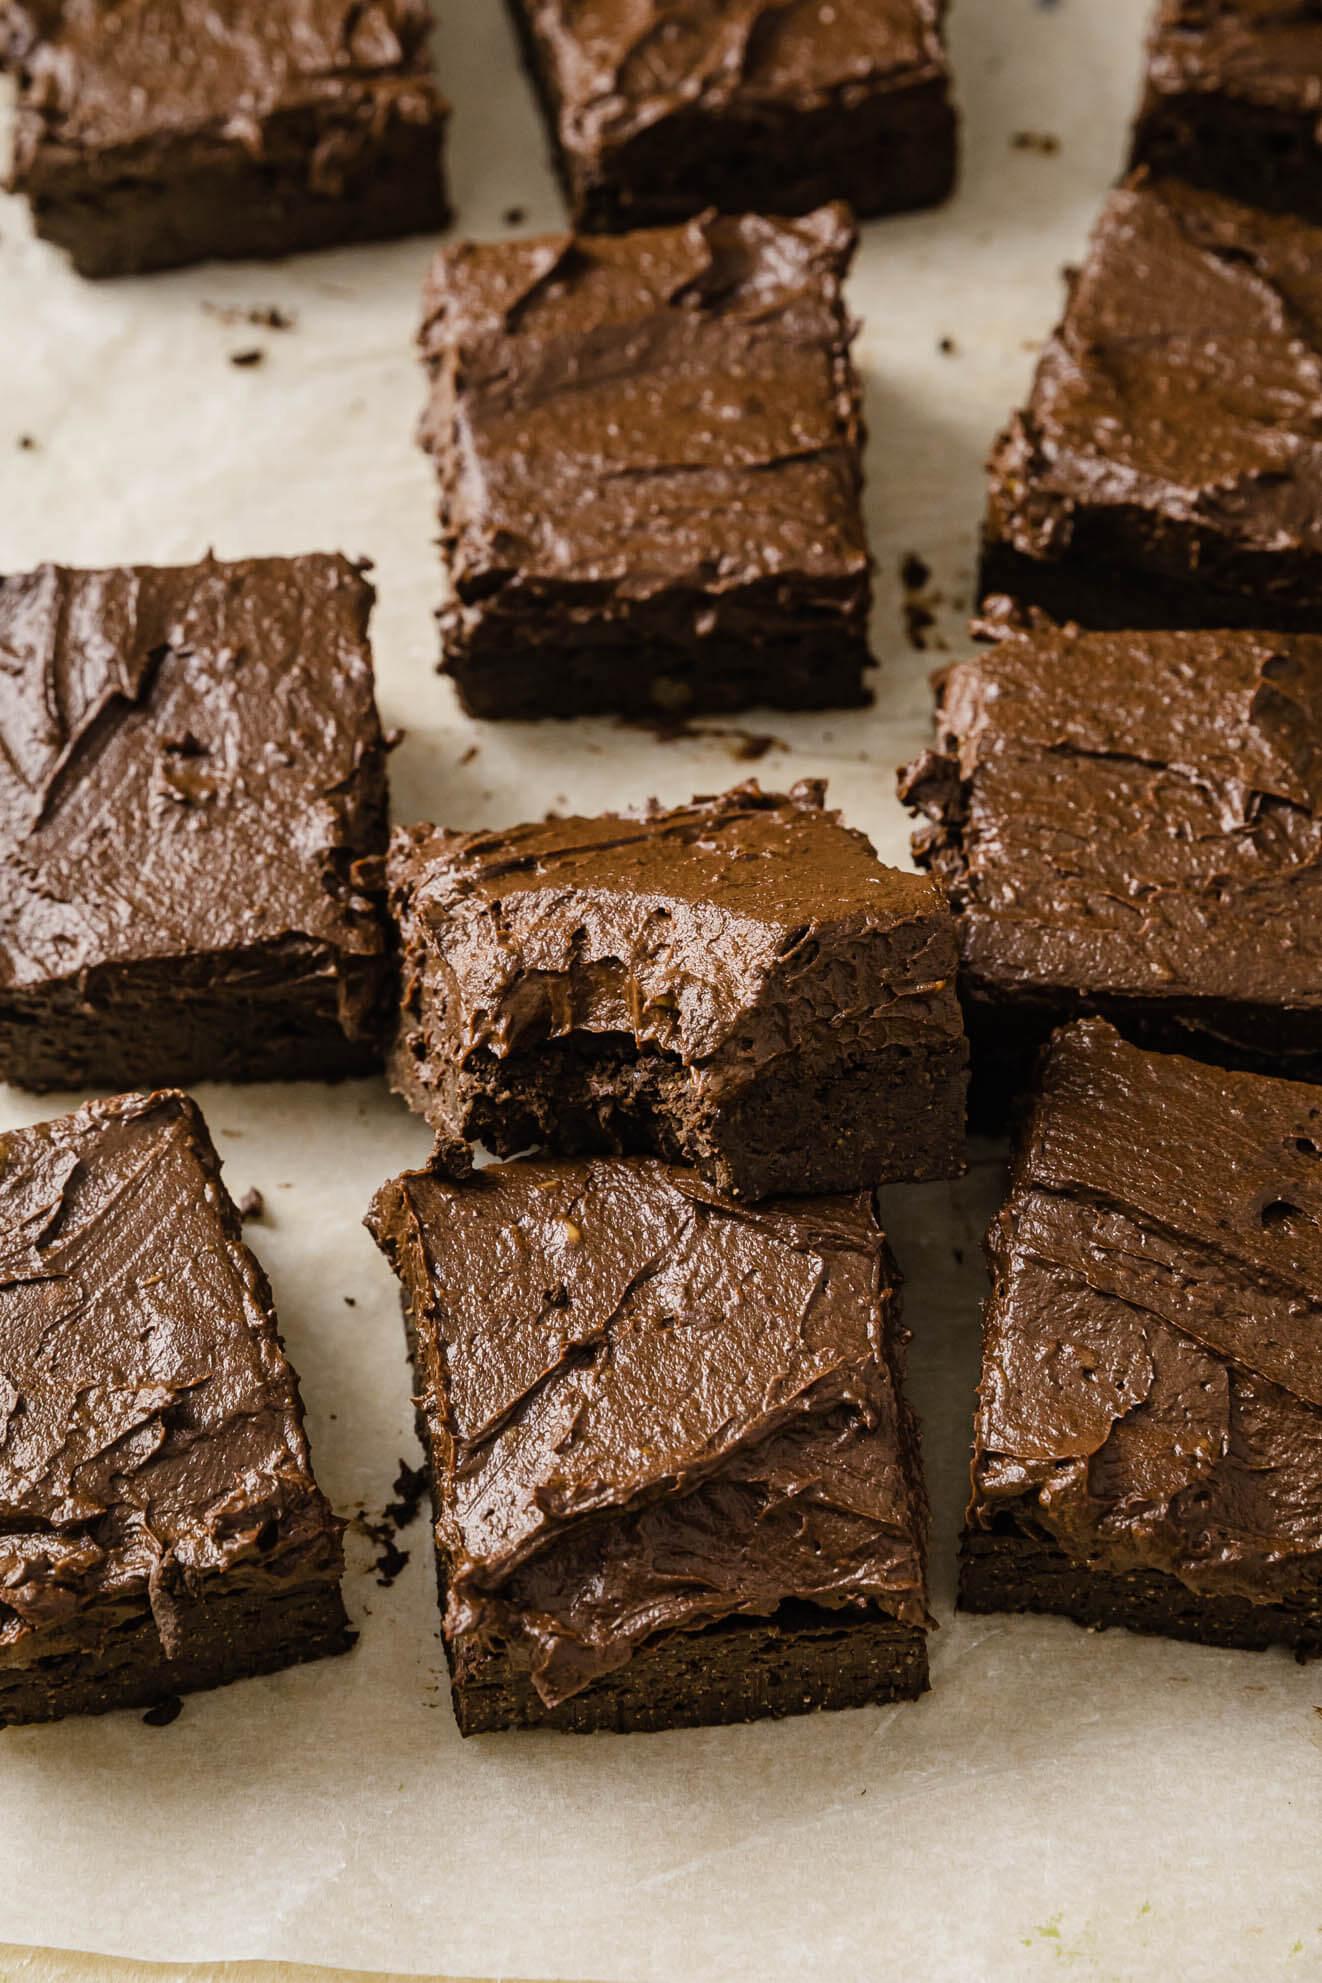 Vegan Keto Chocolate Avocado Brownies (Nut free)